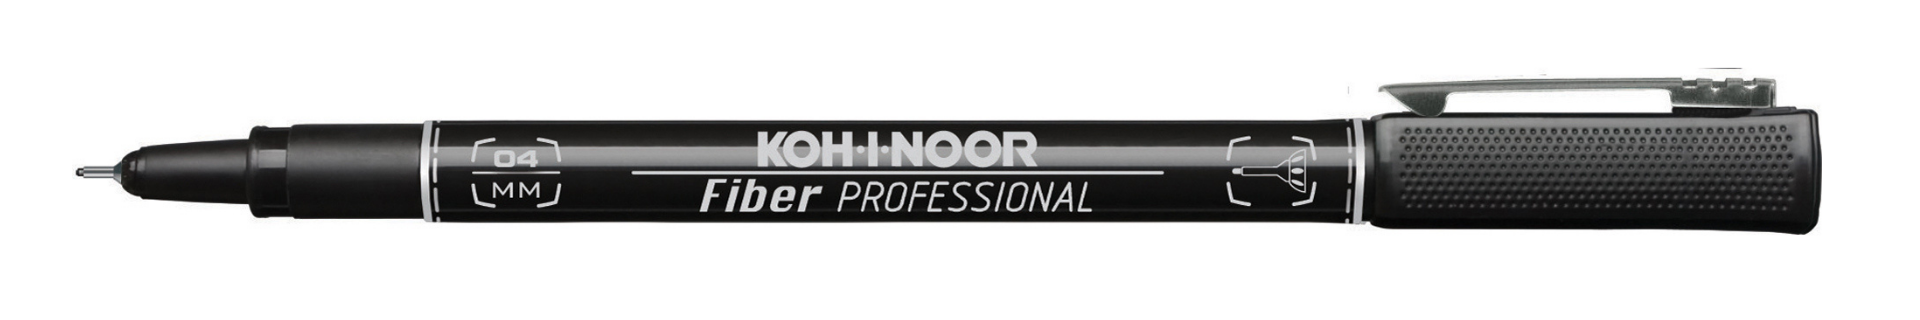 Koh I noor Fiber Professional